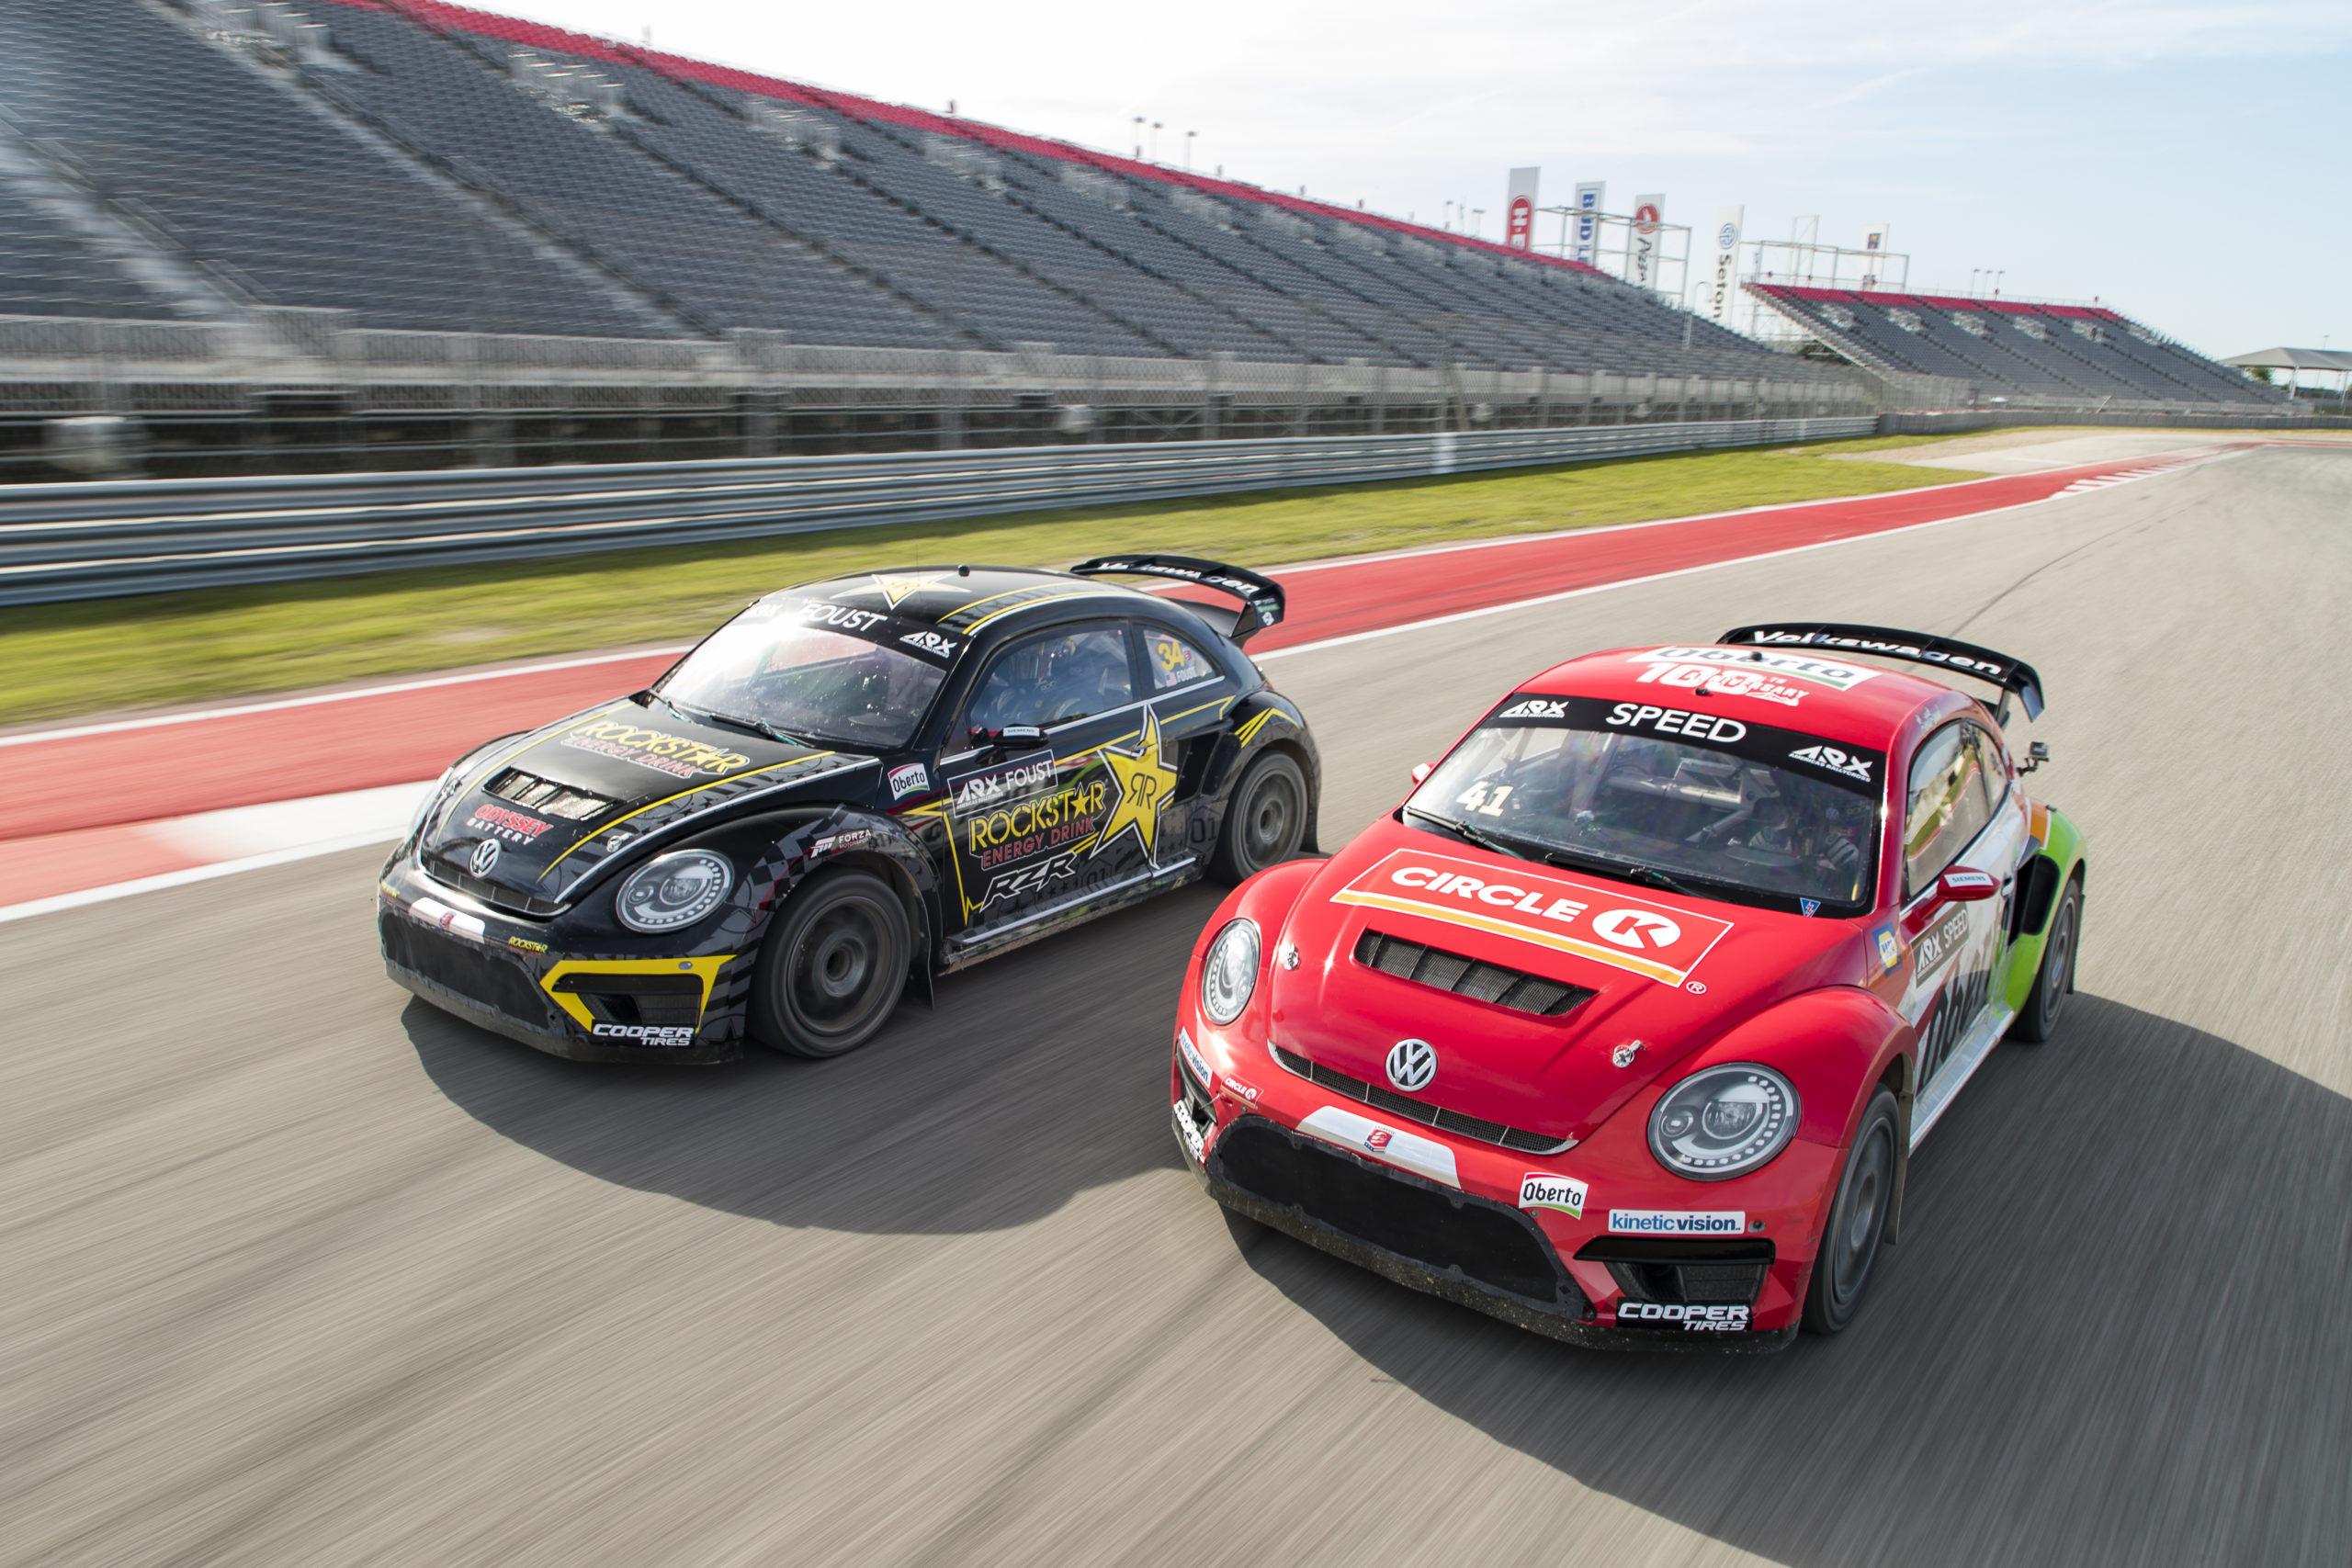 race cars race track racing volkswagen